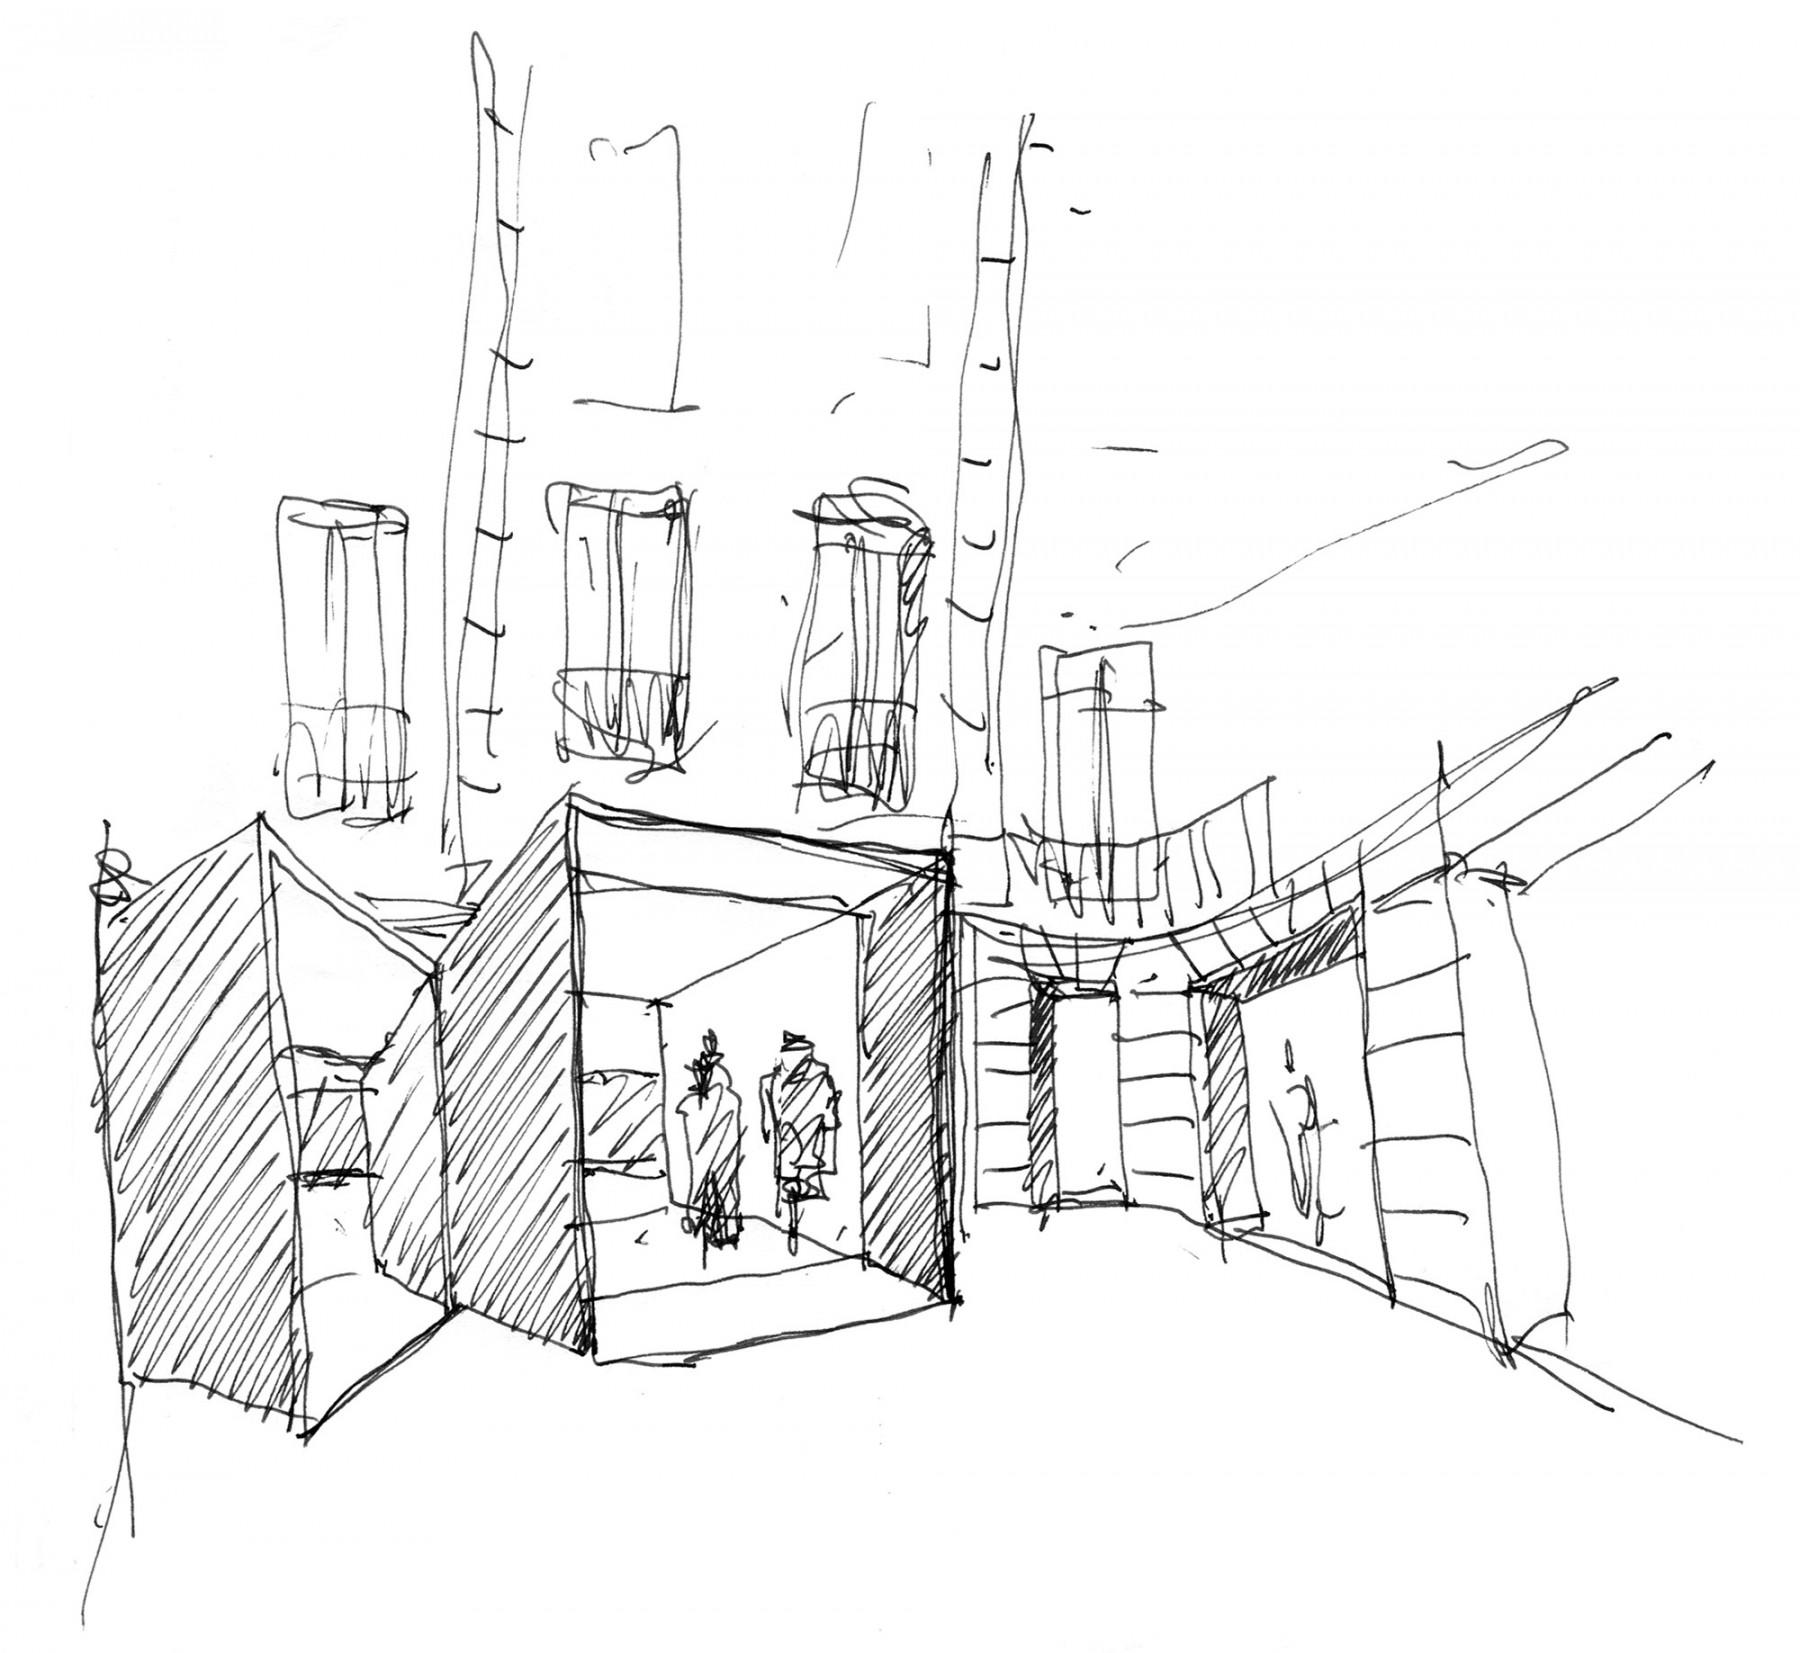 BHV-Galeries-Lafayette-Paris-retail-France-Hôtel-de-Ville-Department-store-shopping-Jamie-Fobert-Architects-sketch-2